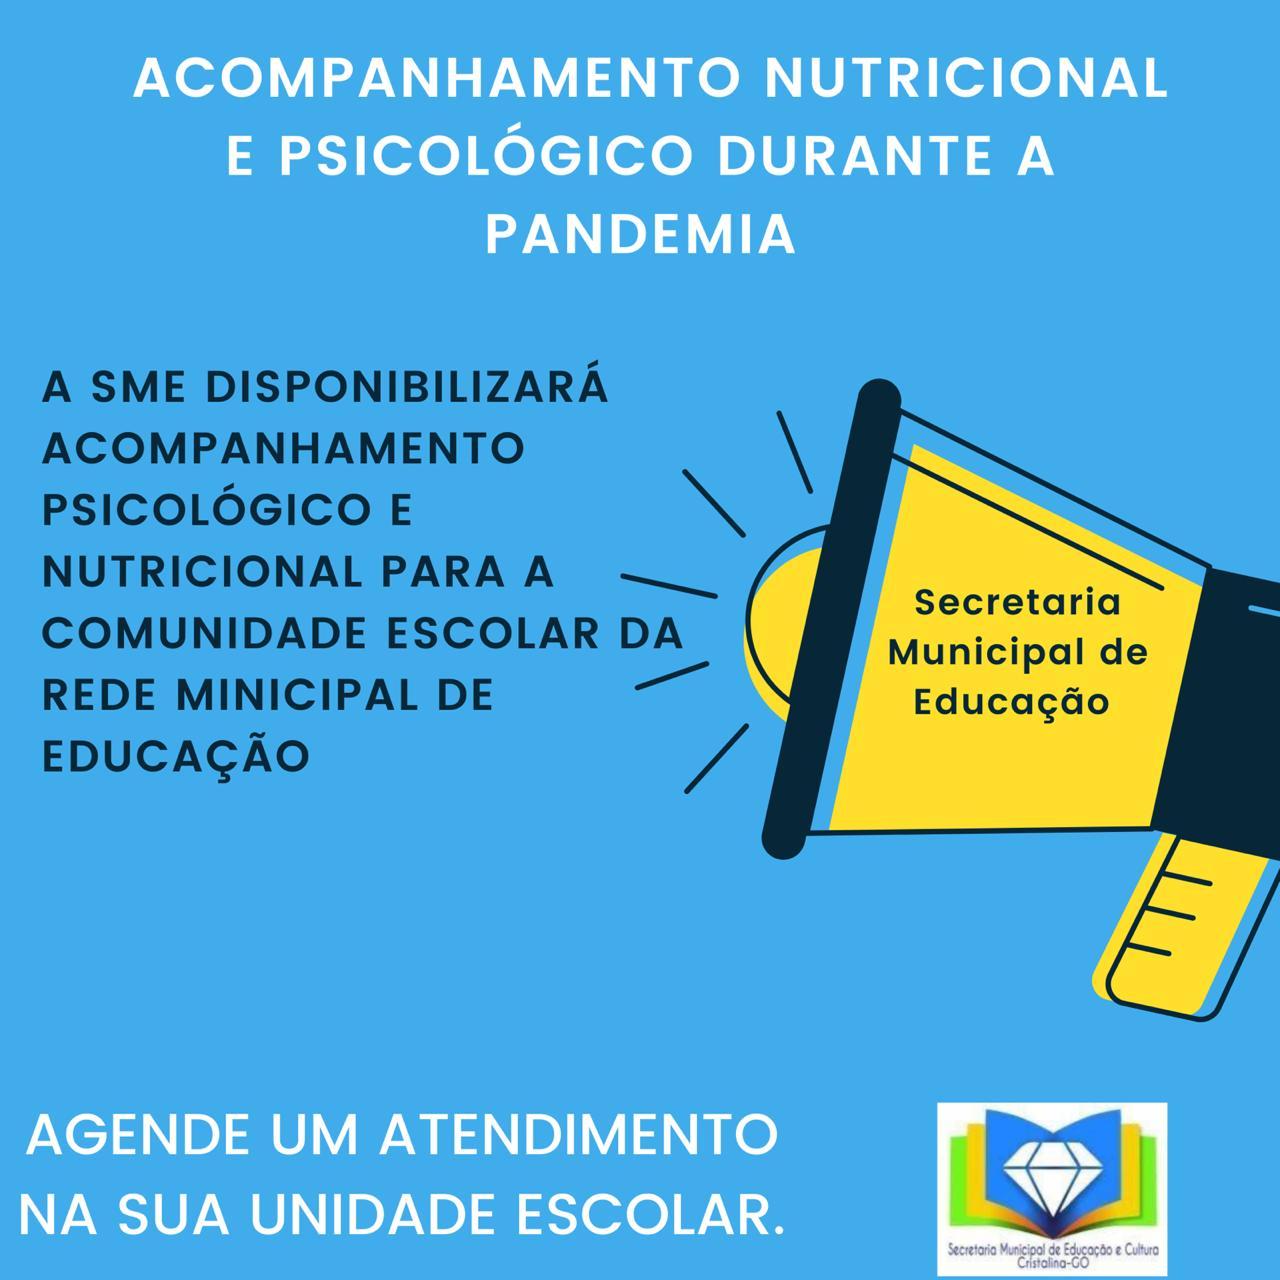 ACOMPANHAMENTO NUTRICIONAL E PSICOLÓGICO DURANTE A PANDEMIA